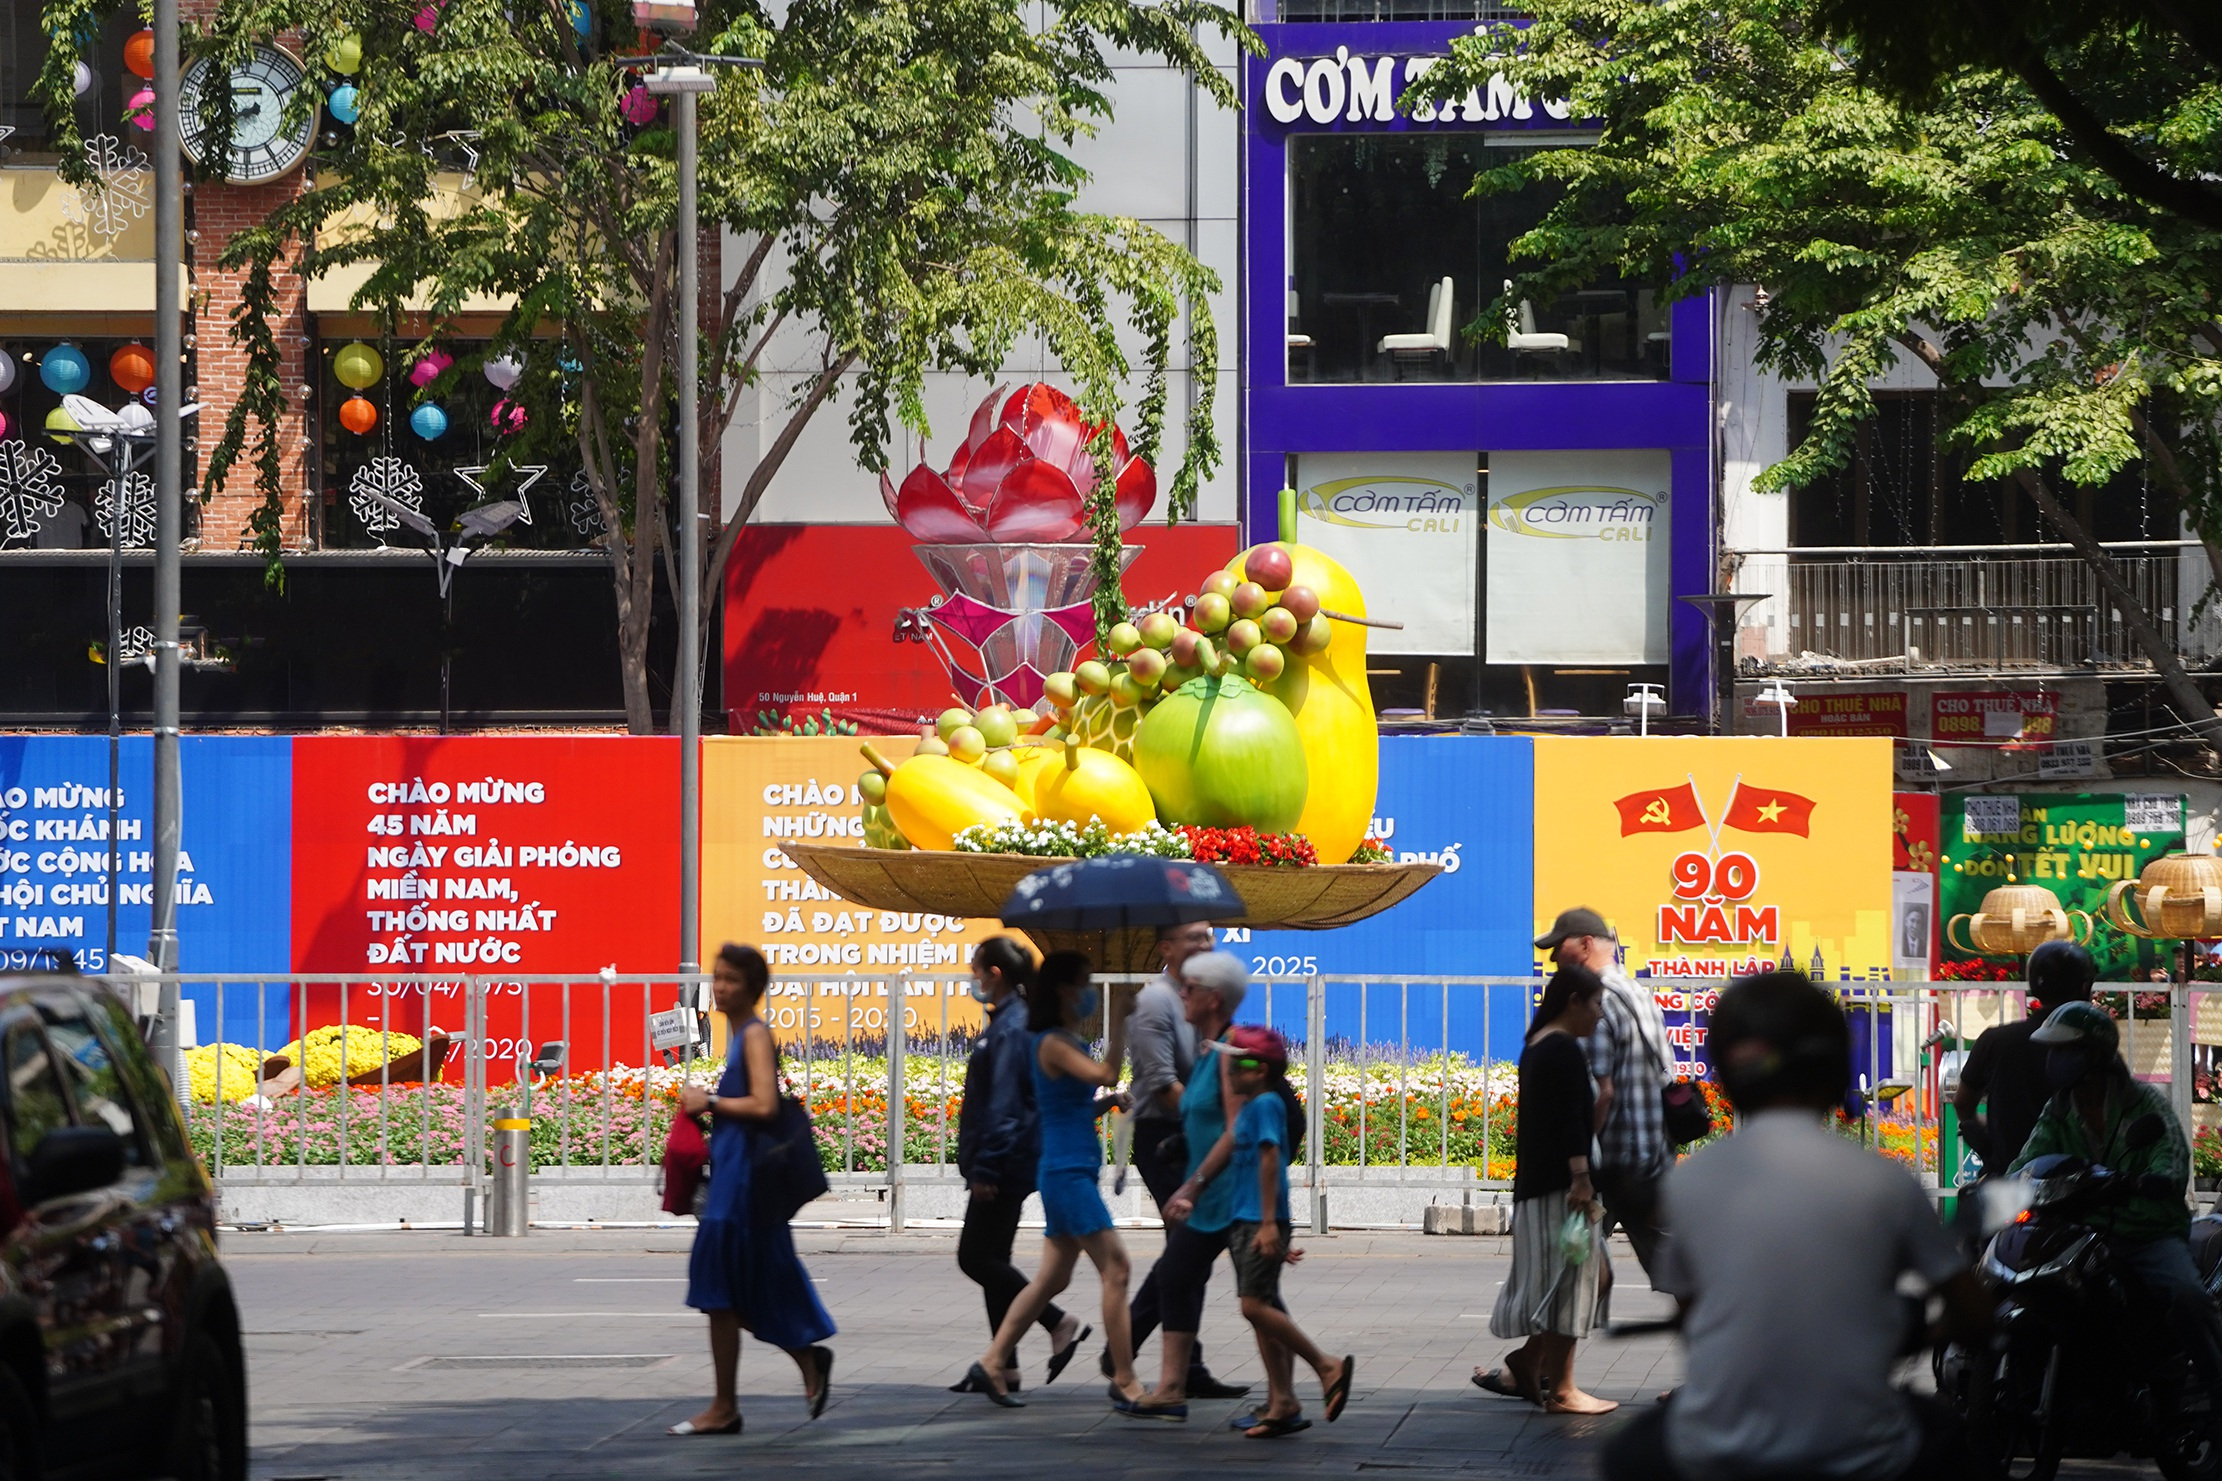 Mãn nhãn ngắm đường hoa Nguyễn Huệ trước giờ G - 23